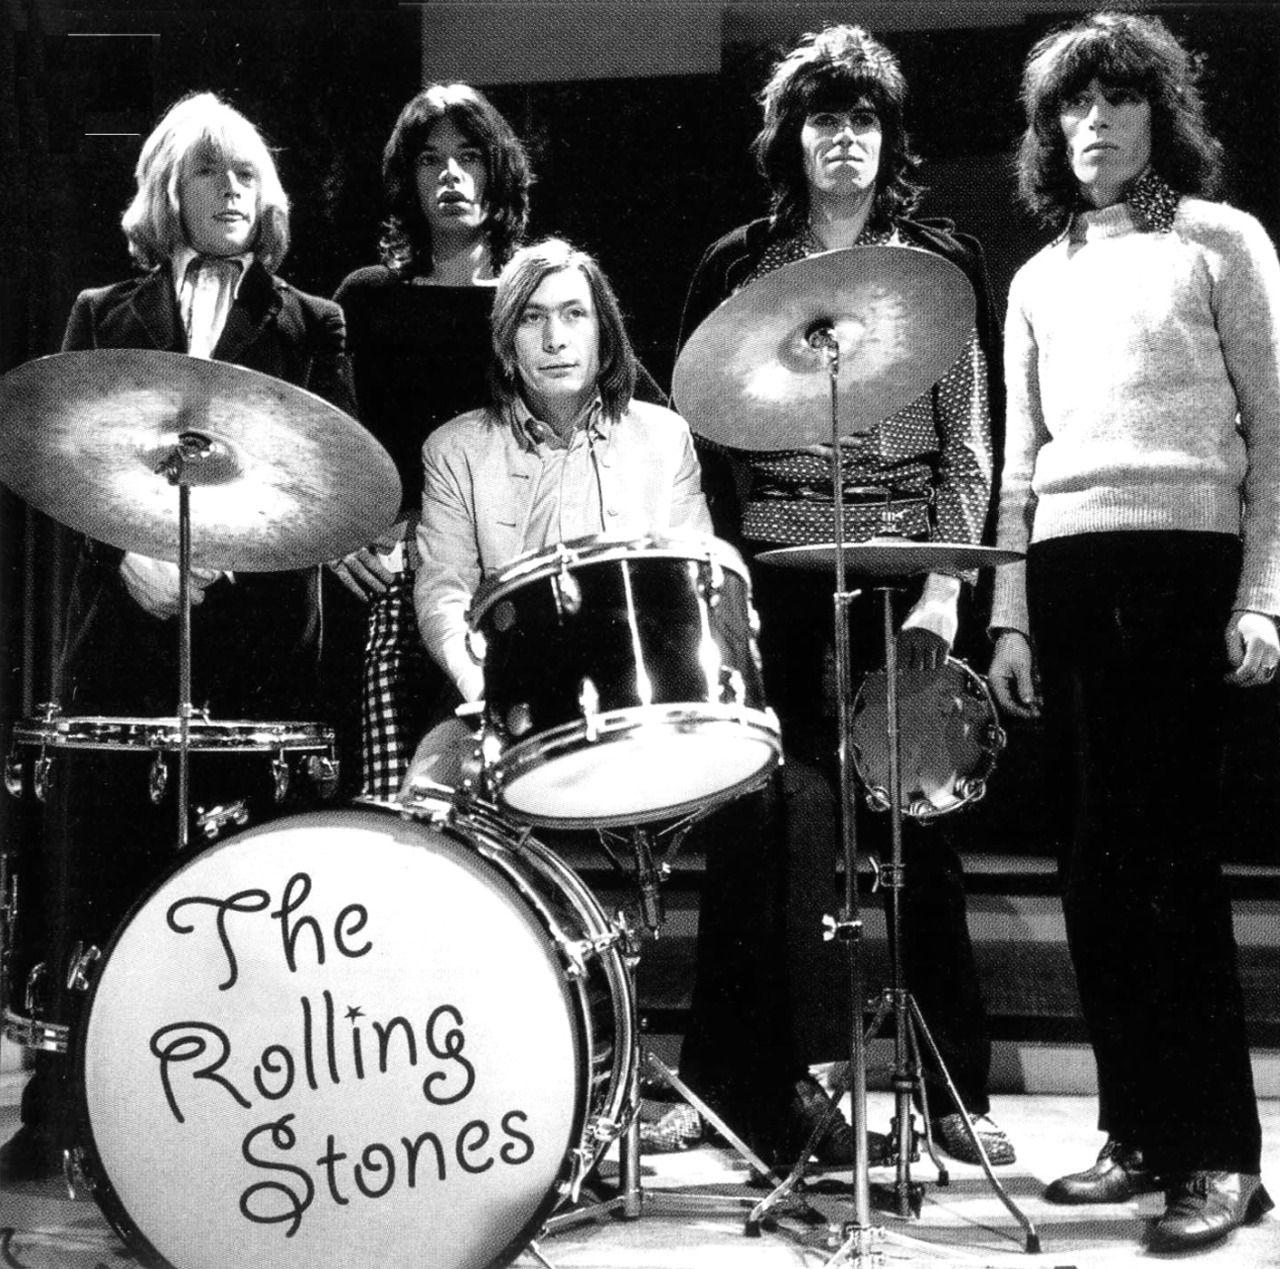 Stones 1968